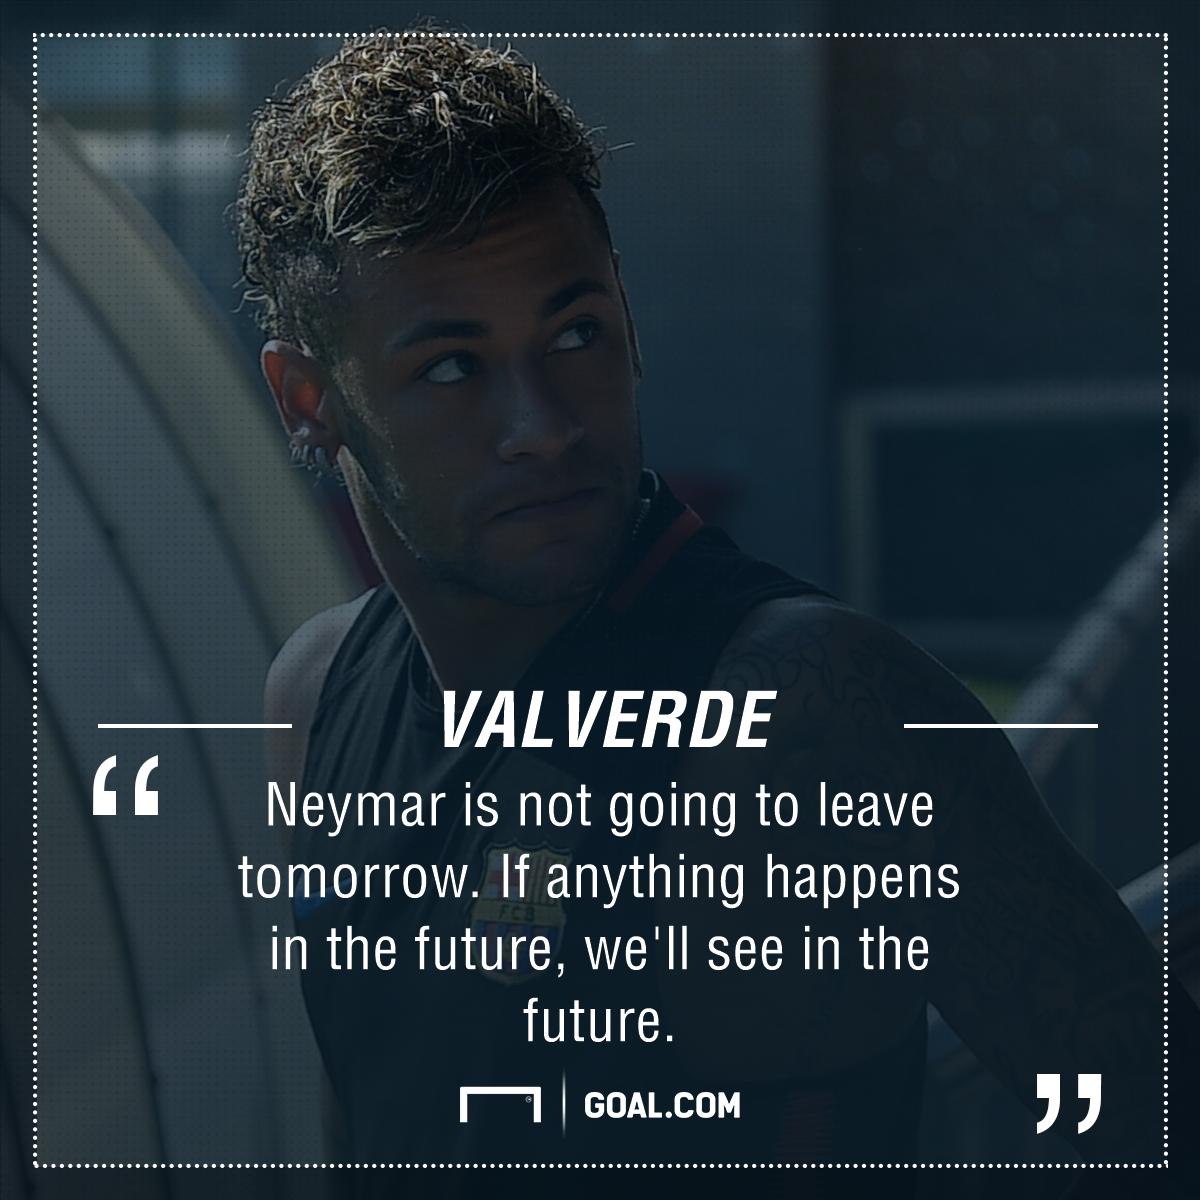 Valverde Neymar GFX